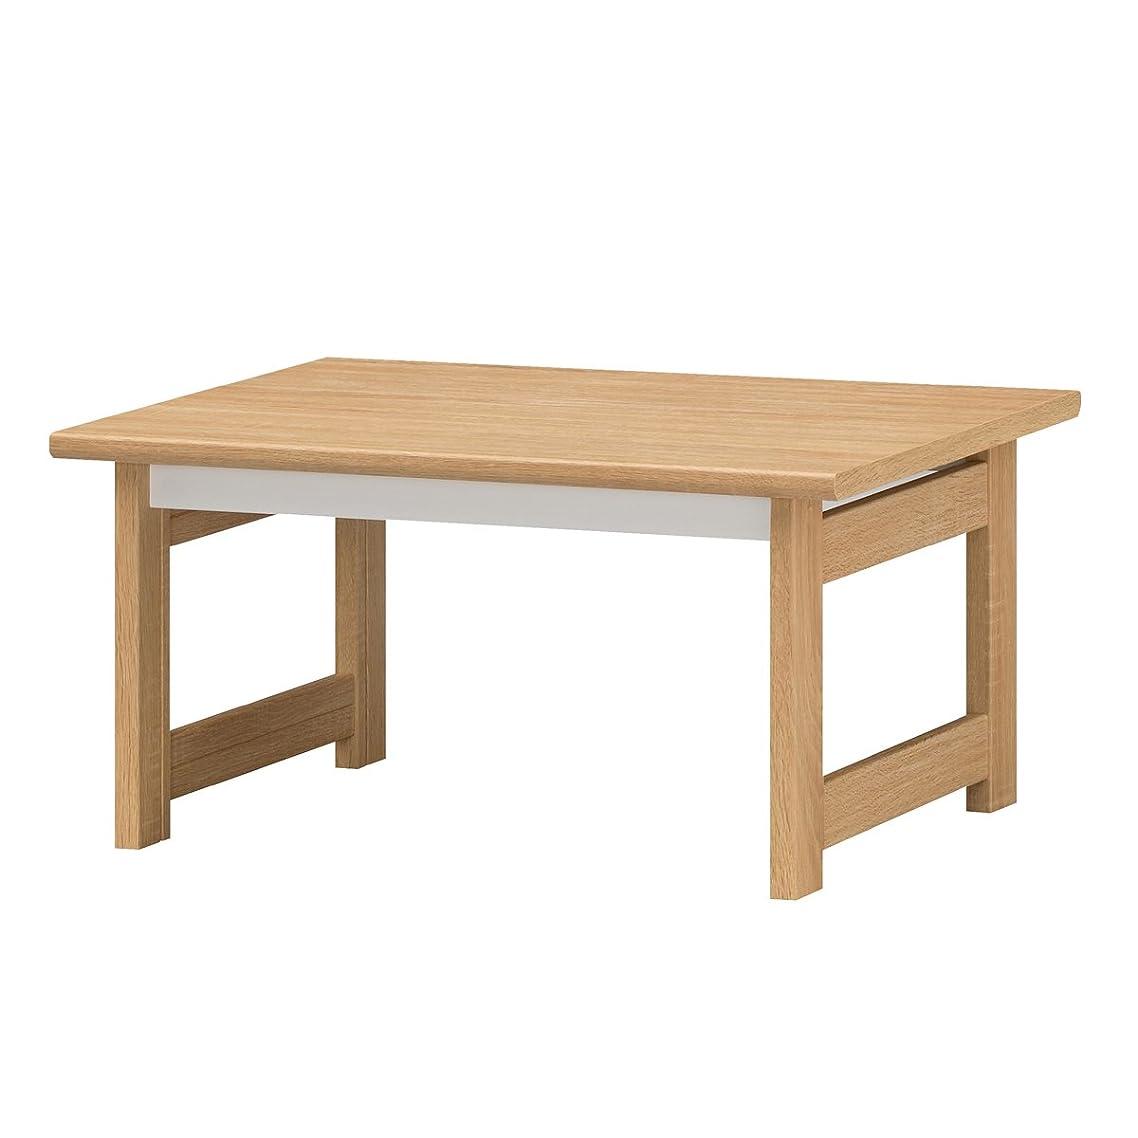 密接にアストロラーベブラウズ白井産業 ローテーブル 約 幅75 奥行50 高さ37 cm センターテーブル シンプル ナチュラル ブラウン (GAR-7550T ガレンタ)